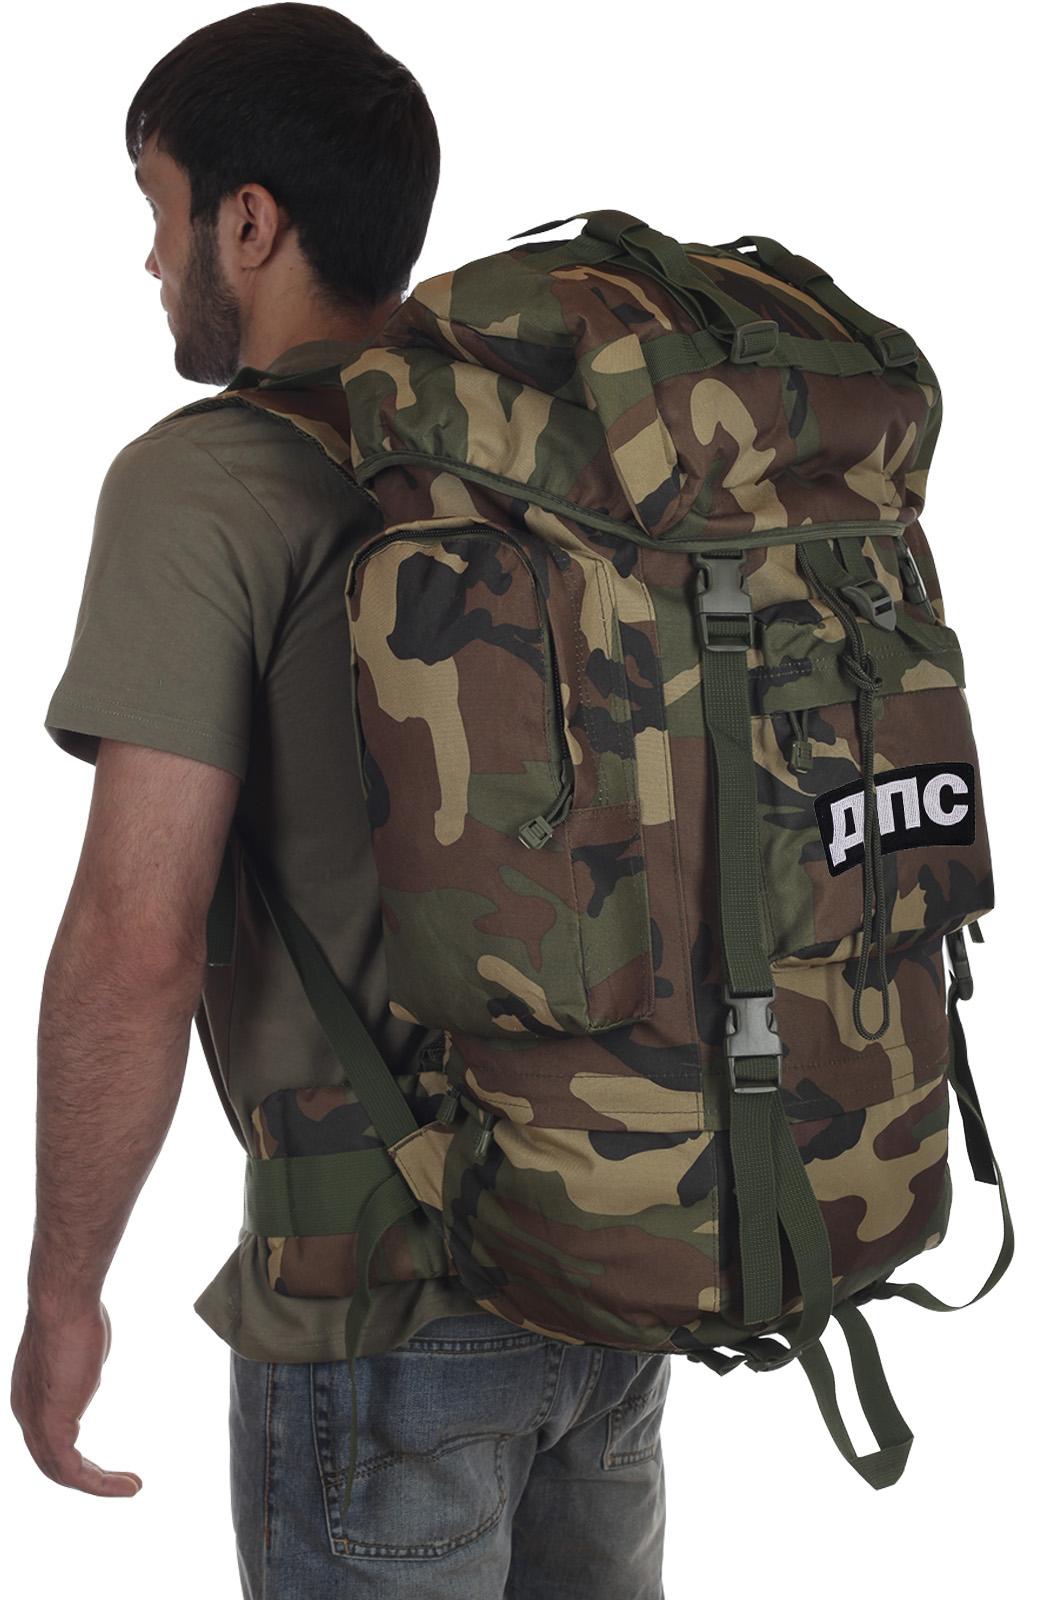 Камуфляжный военный рюкзак CCE с нашивкой ДПС - заказать с доставкой